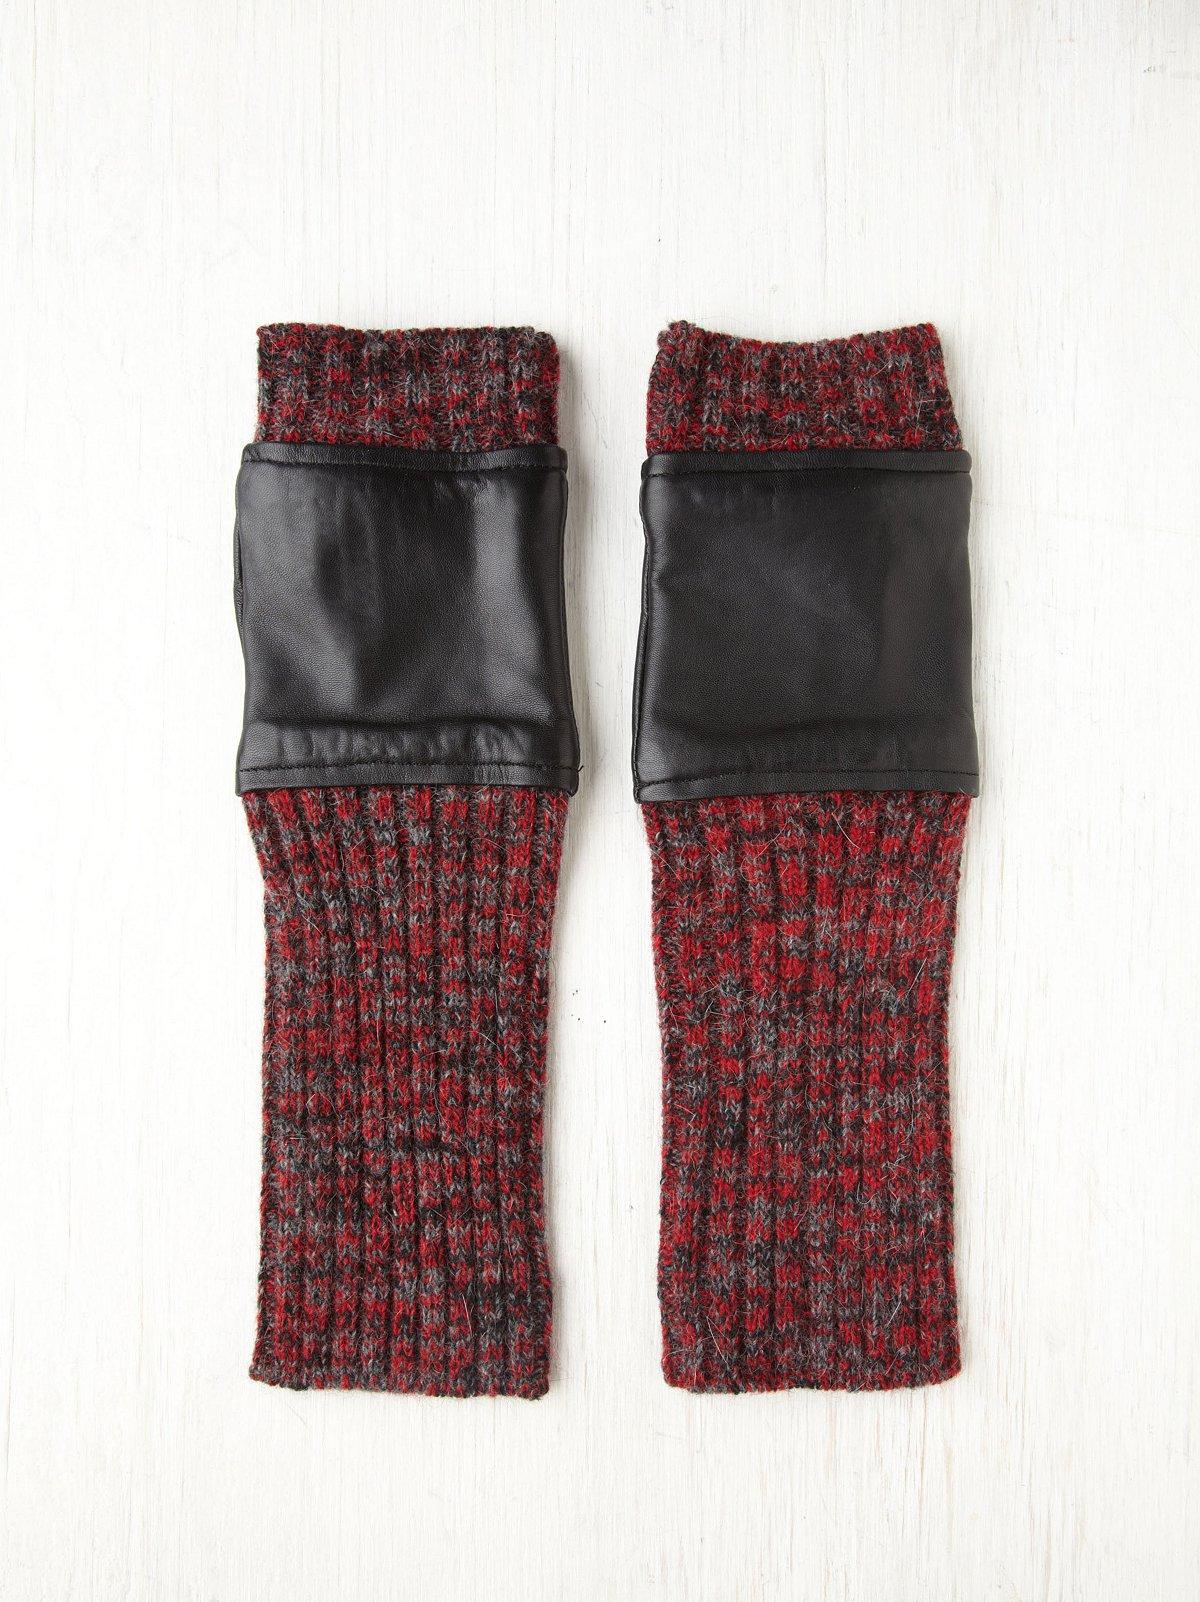 Leather Melange Knit Armwarmer